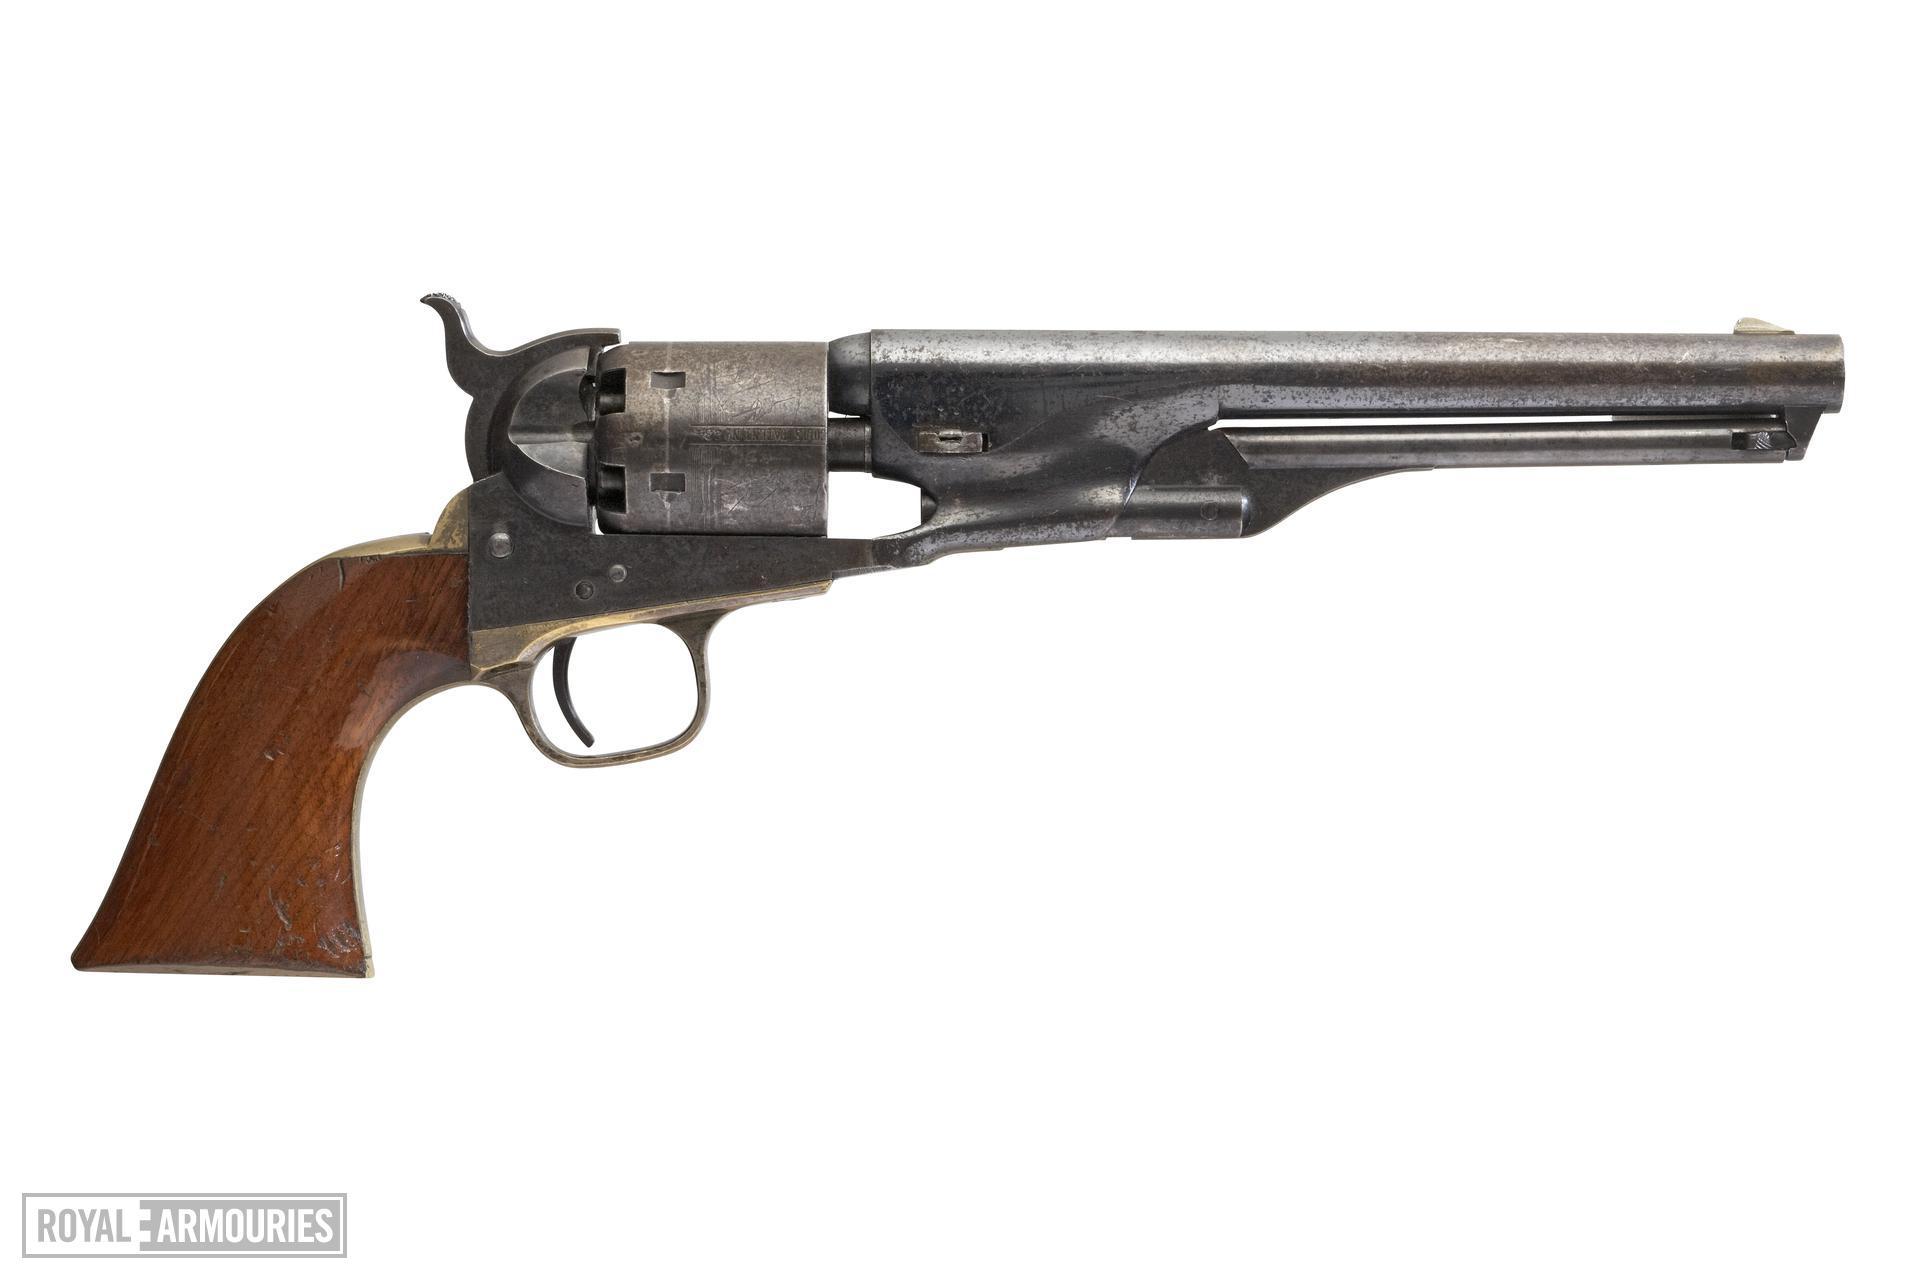 Percussion six-shot revolver - Colt Navy Model 1861